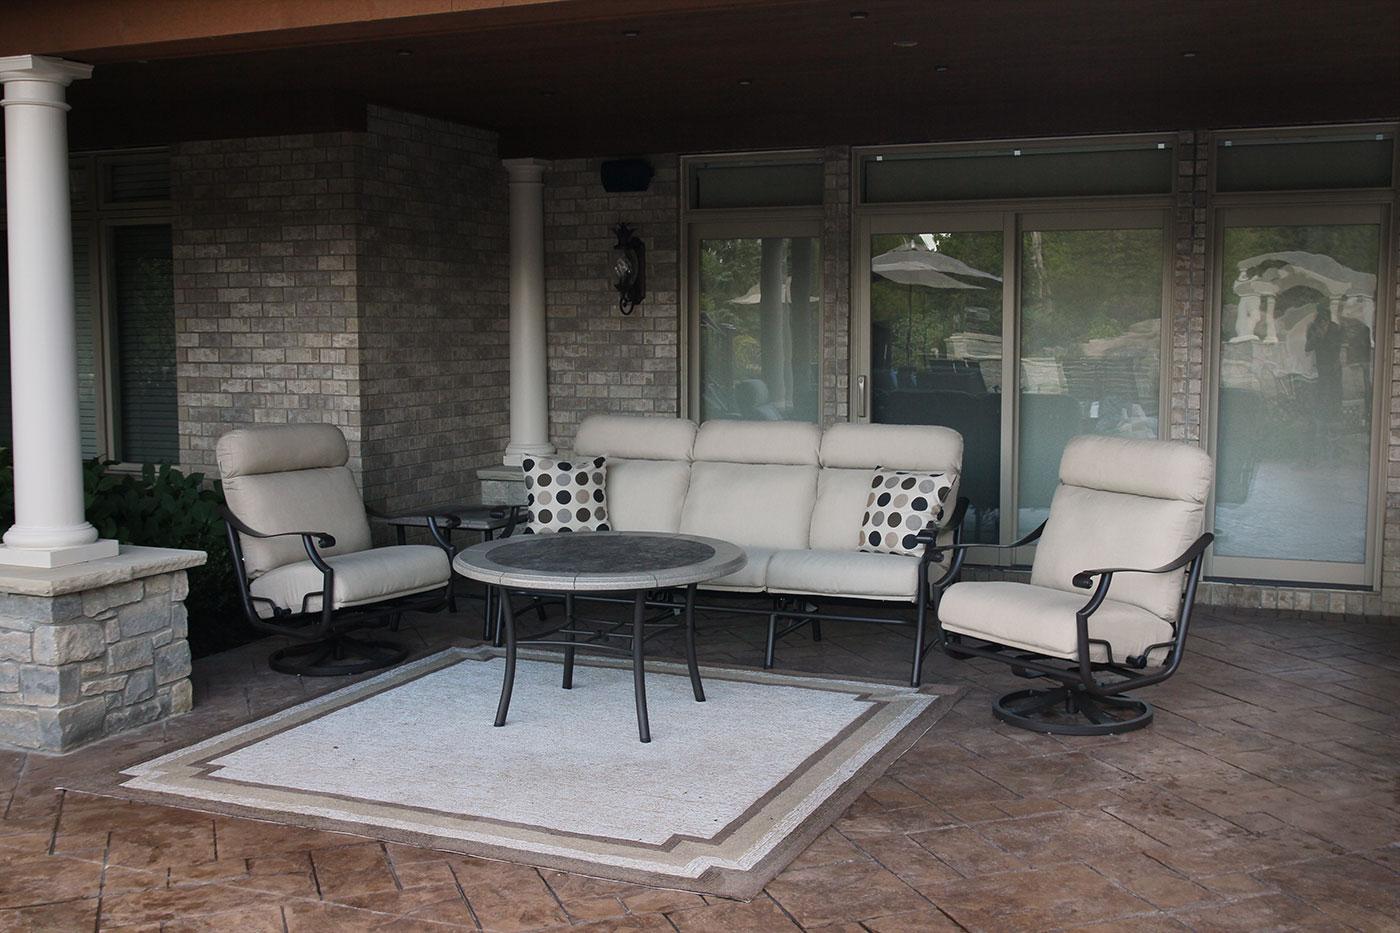 furniture stoll patio furniture stores in cleveland ohio cast aluminum